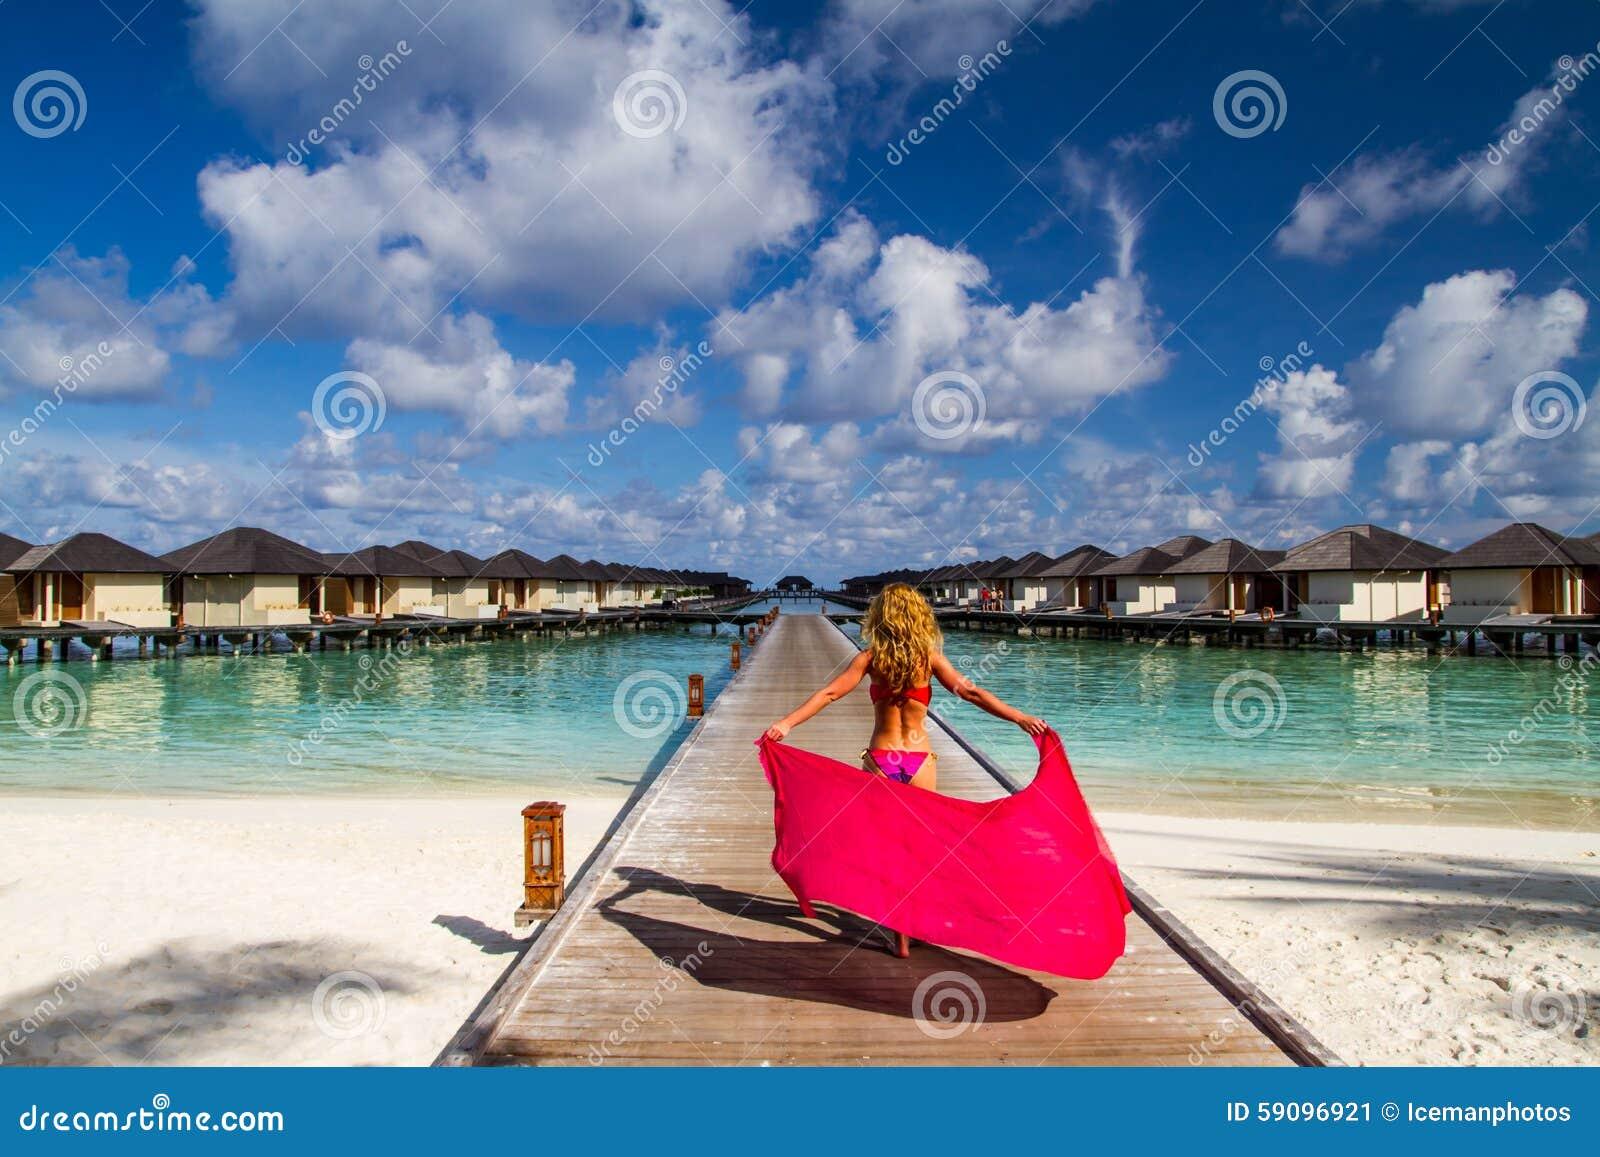 Frau auf einer Strandanlegestelle bei Malediven